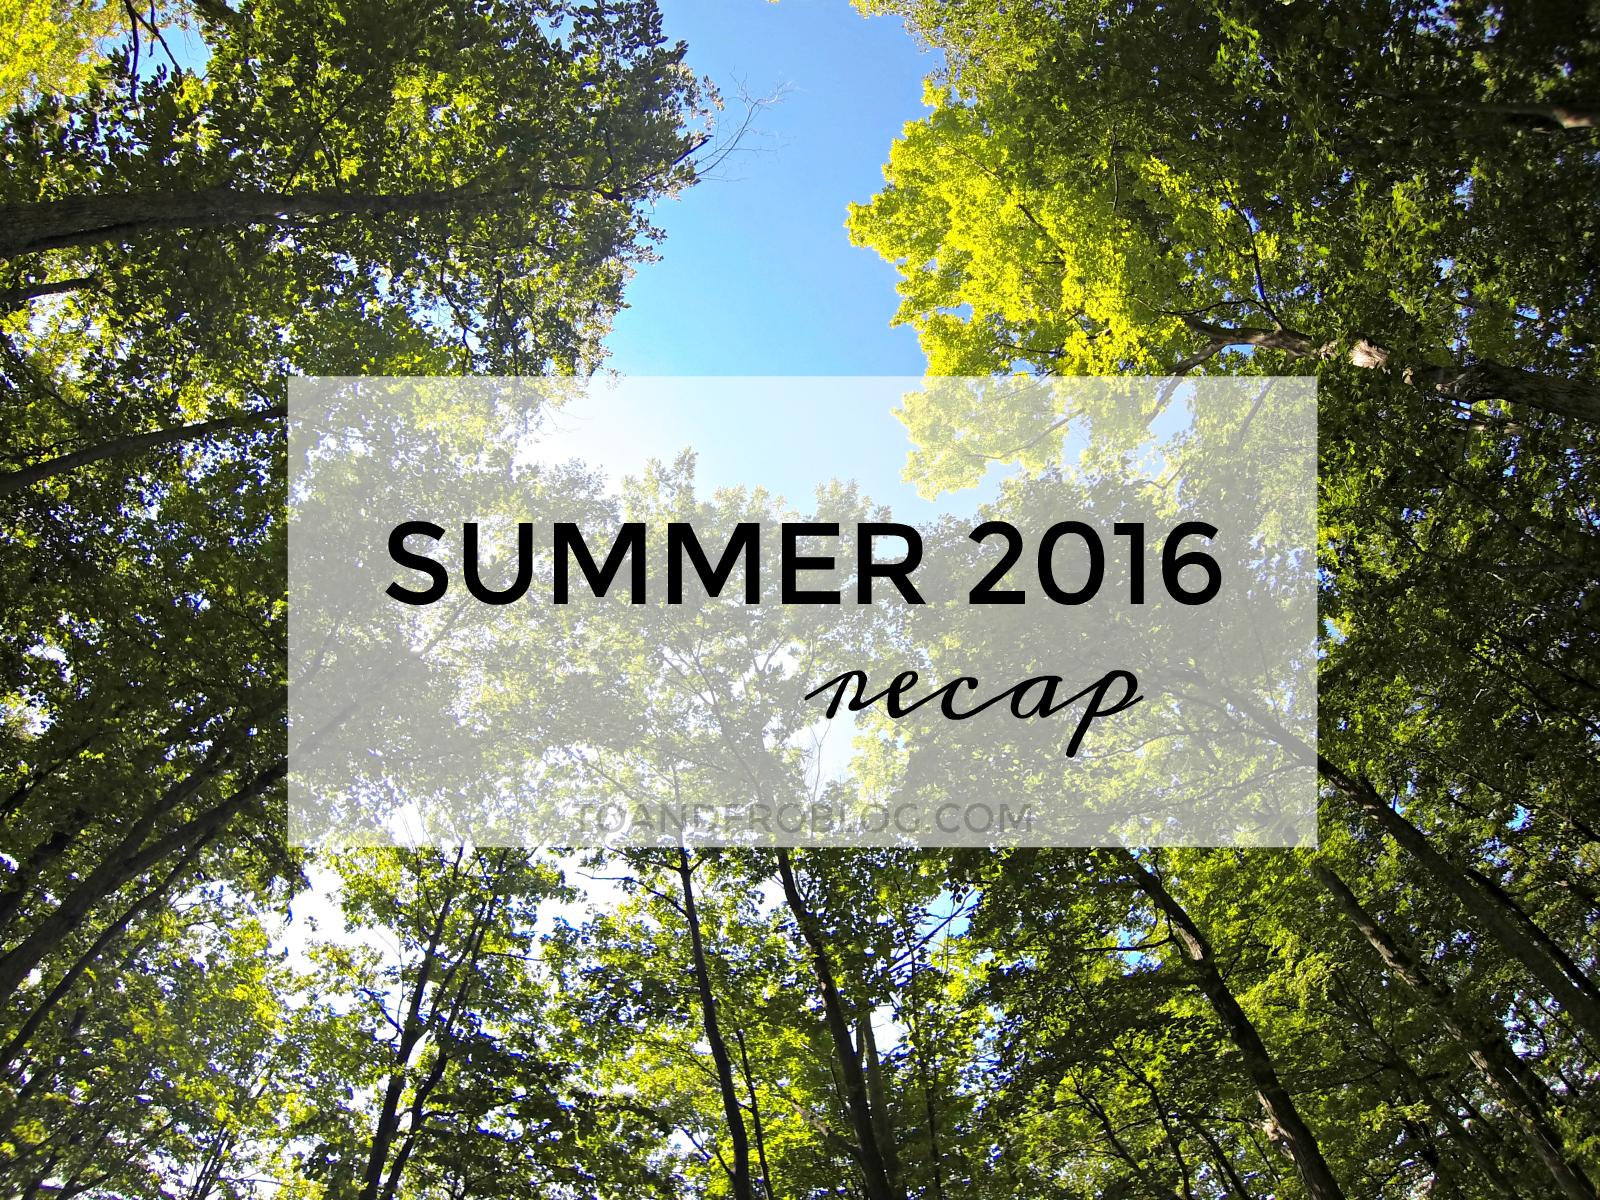 Summer 2016 Recap